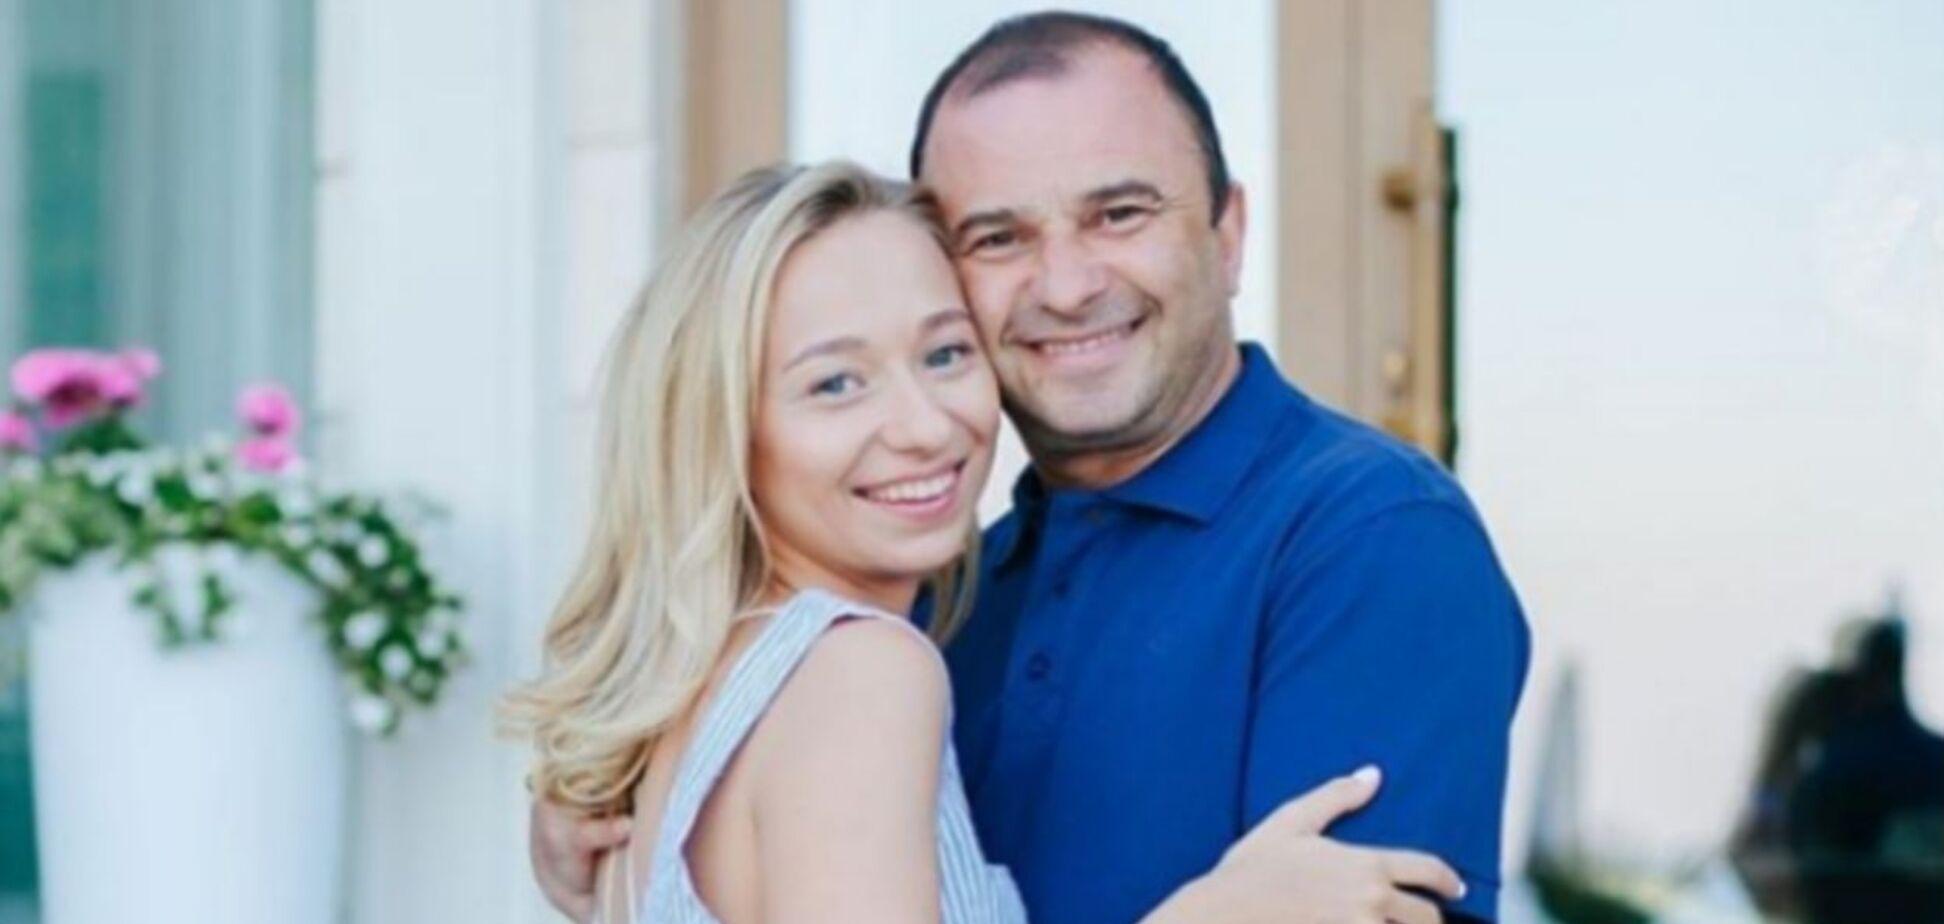 Виктор Павлик перенес свою свадьбу: стала известна дата